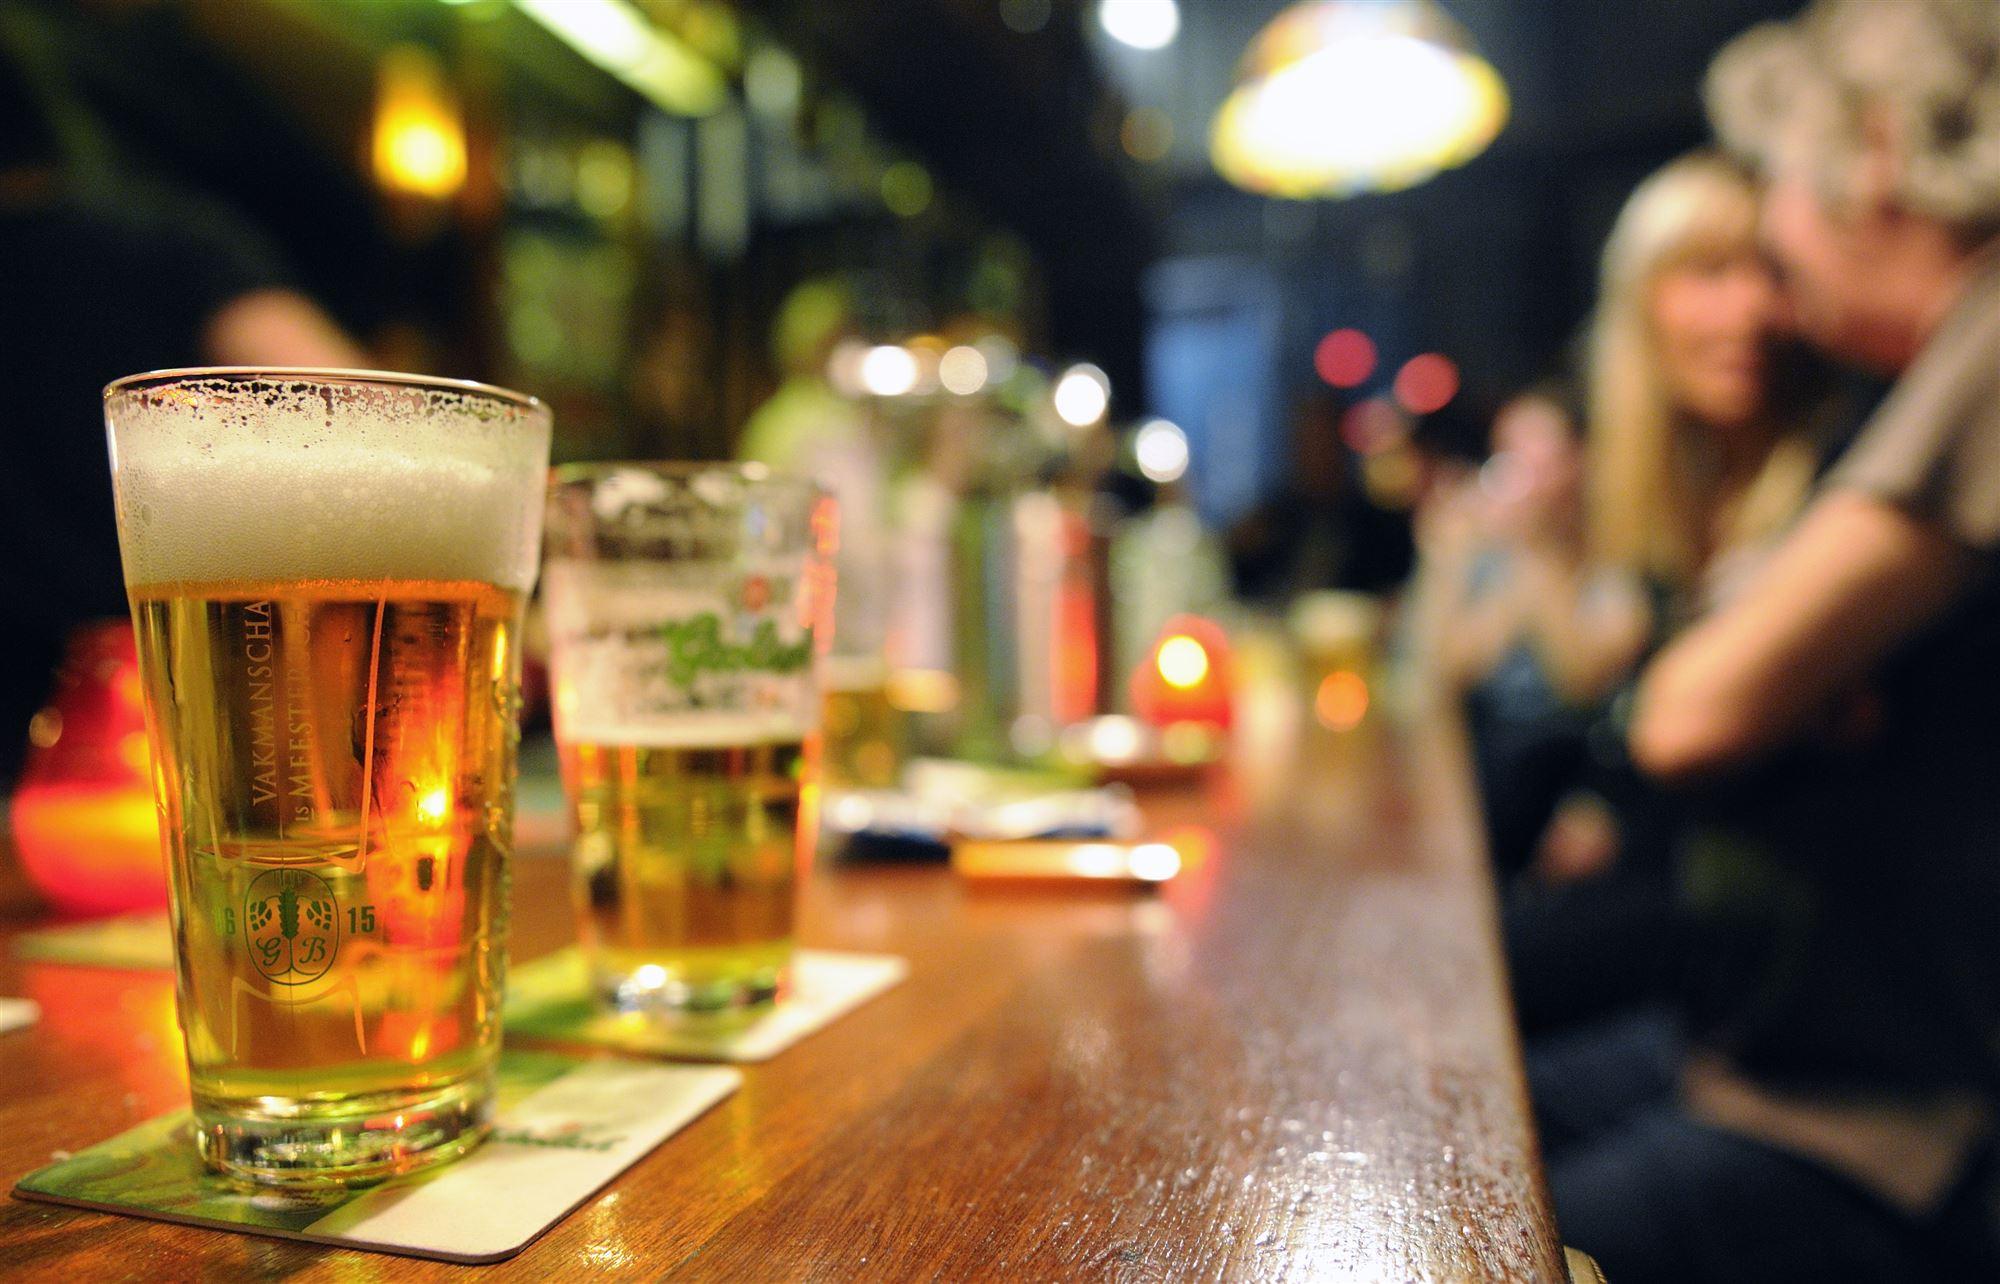 bier duurder